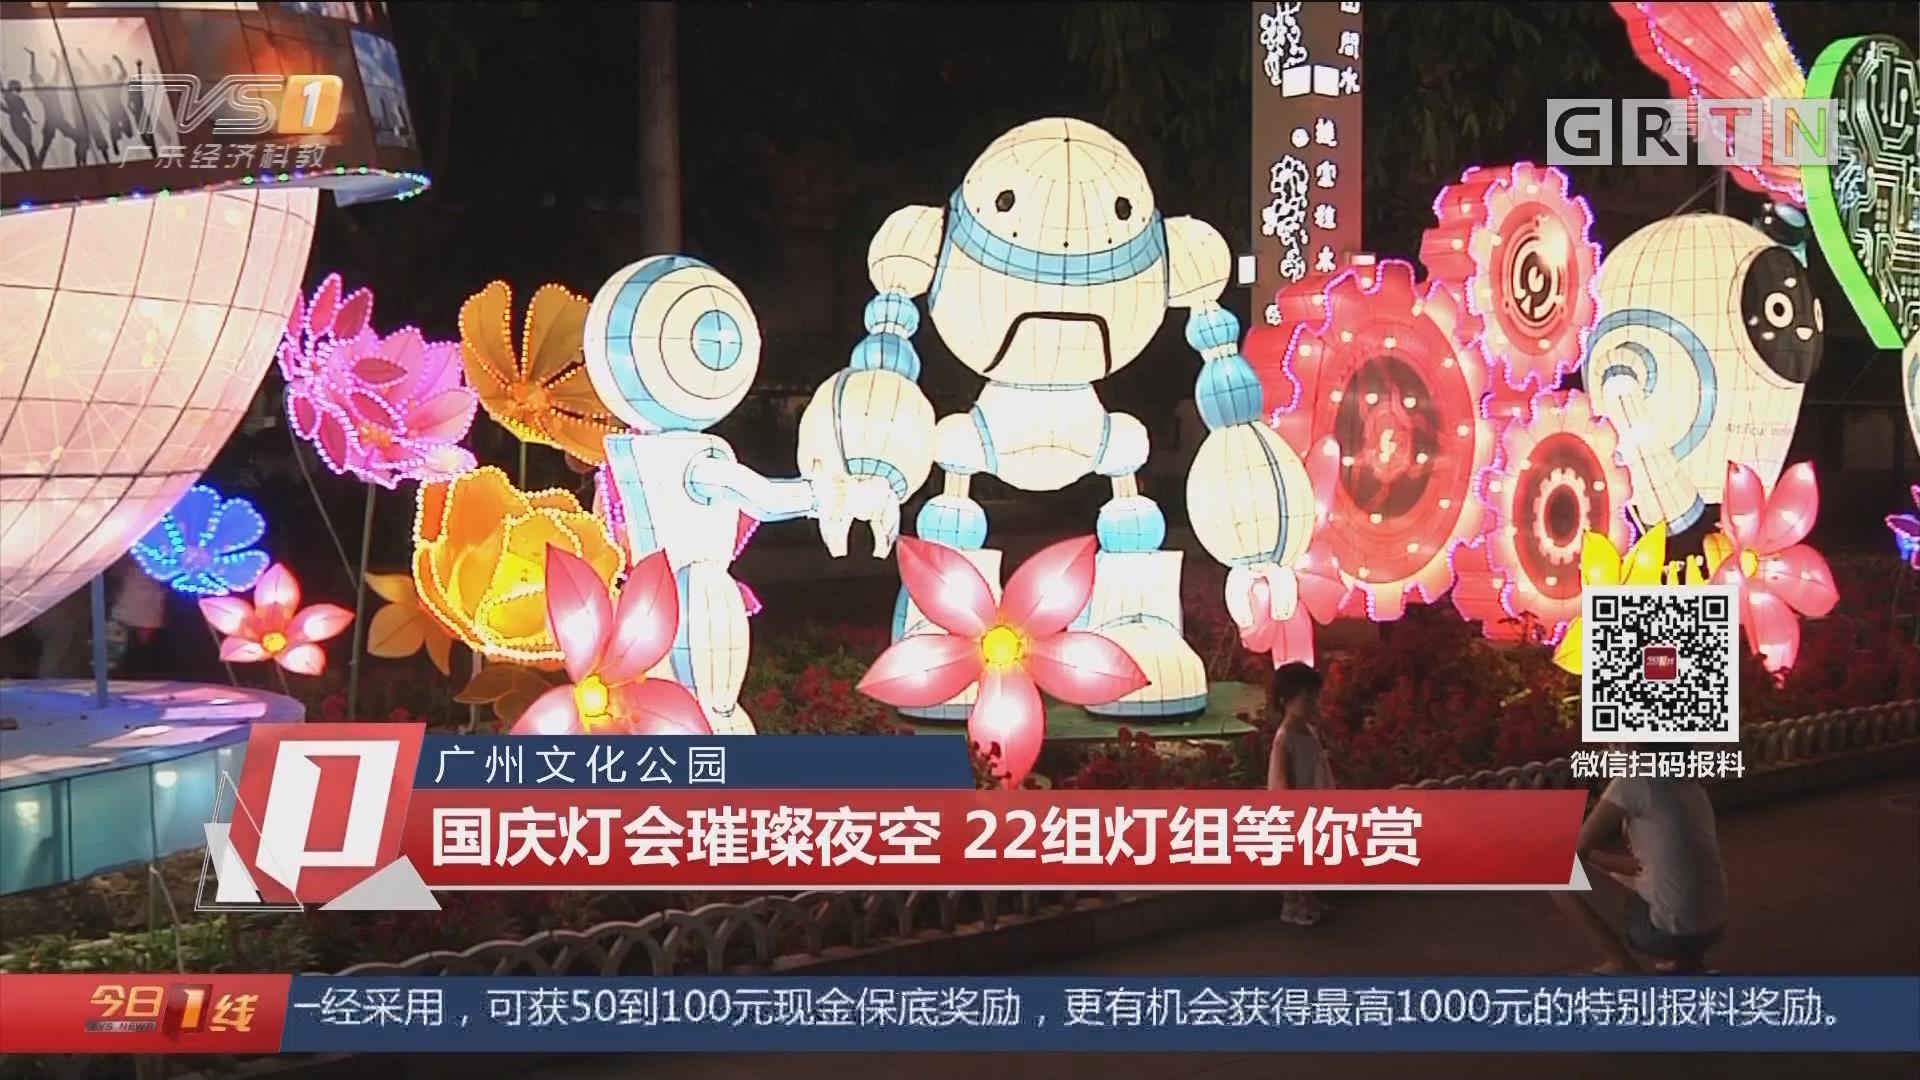 广州文化公园:国庆灯会璀璨夜空 22组灯组等你赏